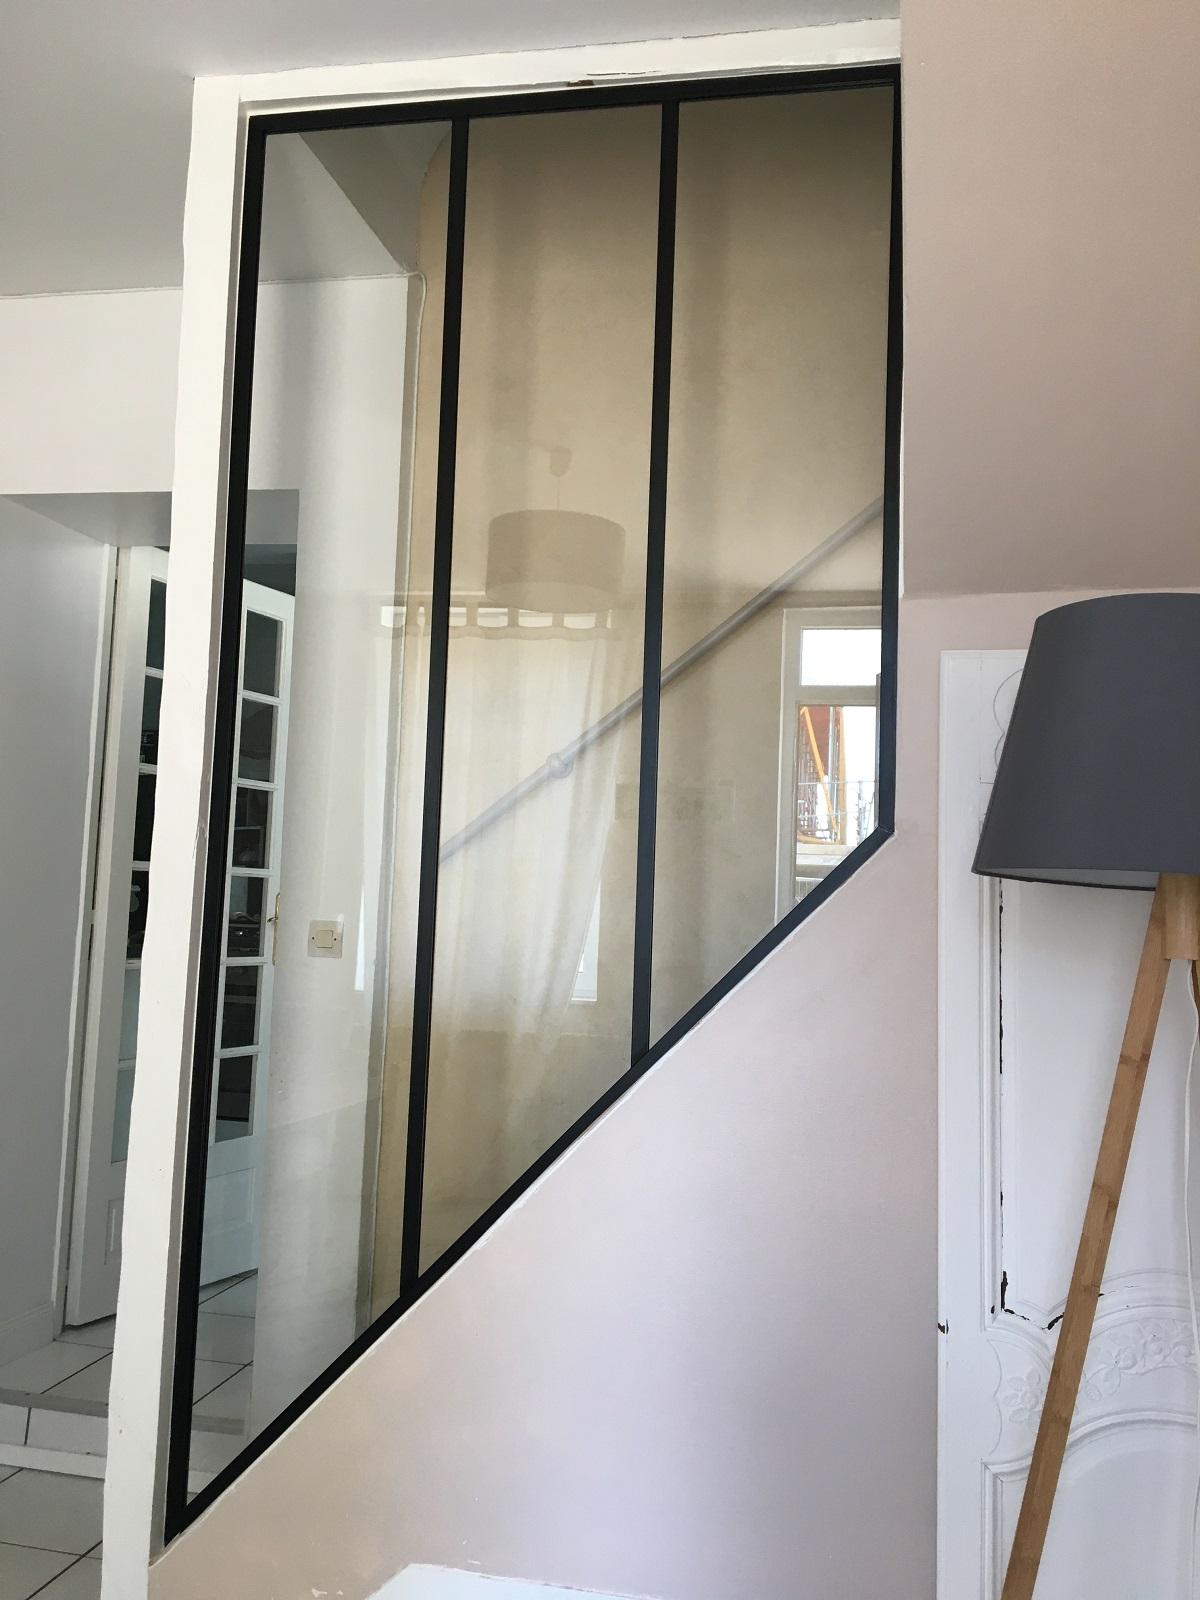 Projet de sécurisation d'un escalier avec châssis vitré